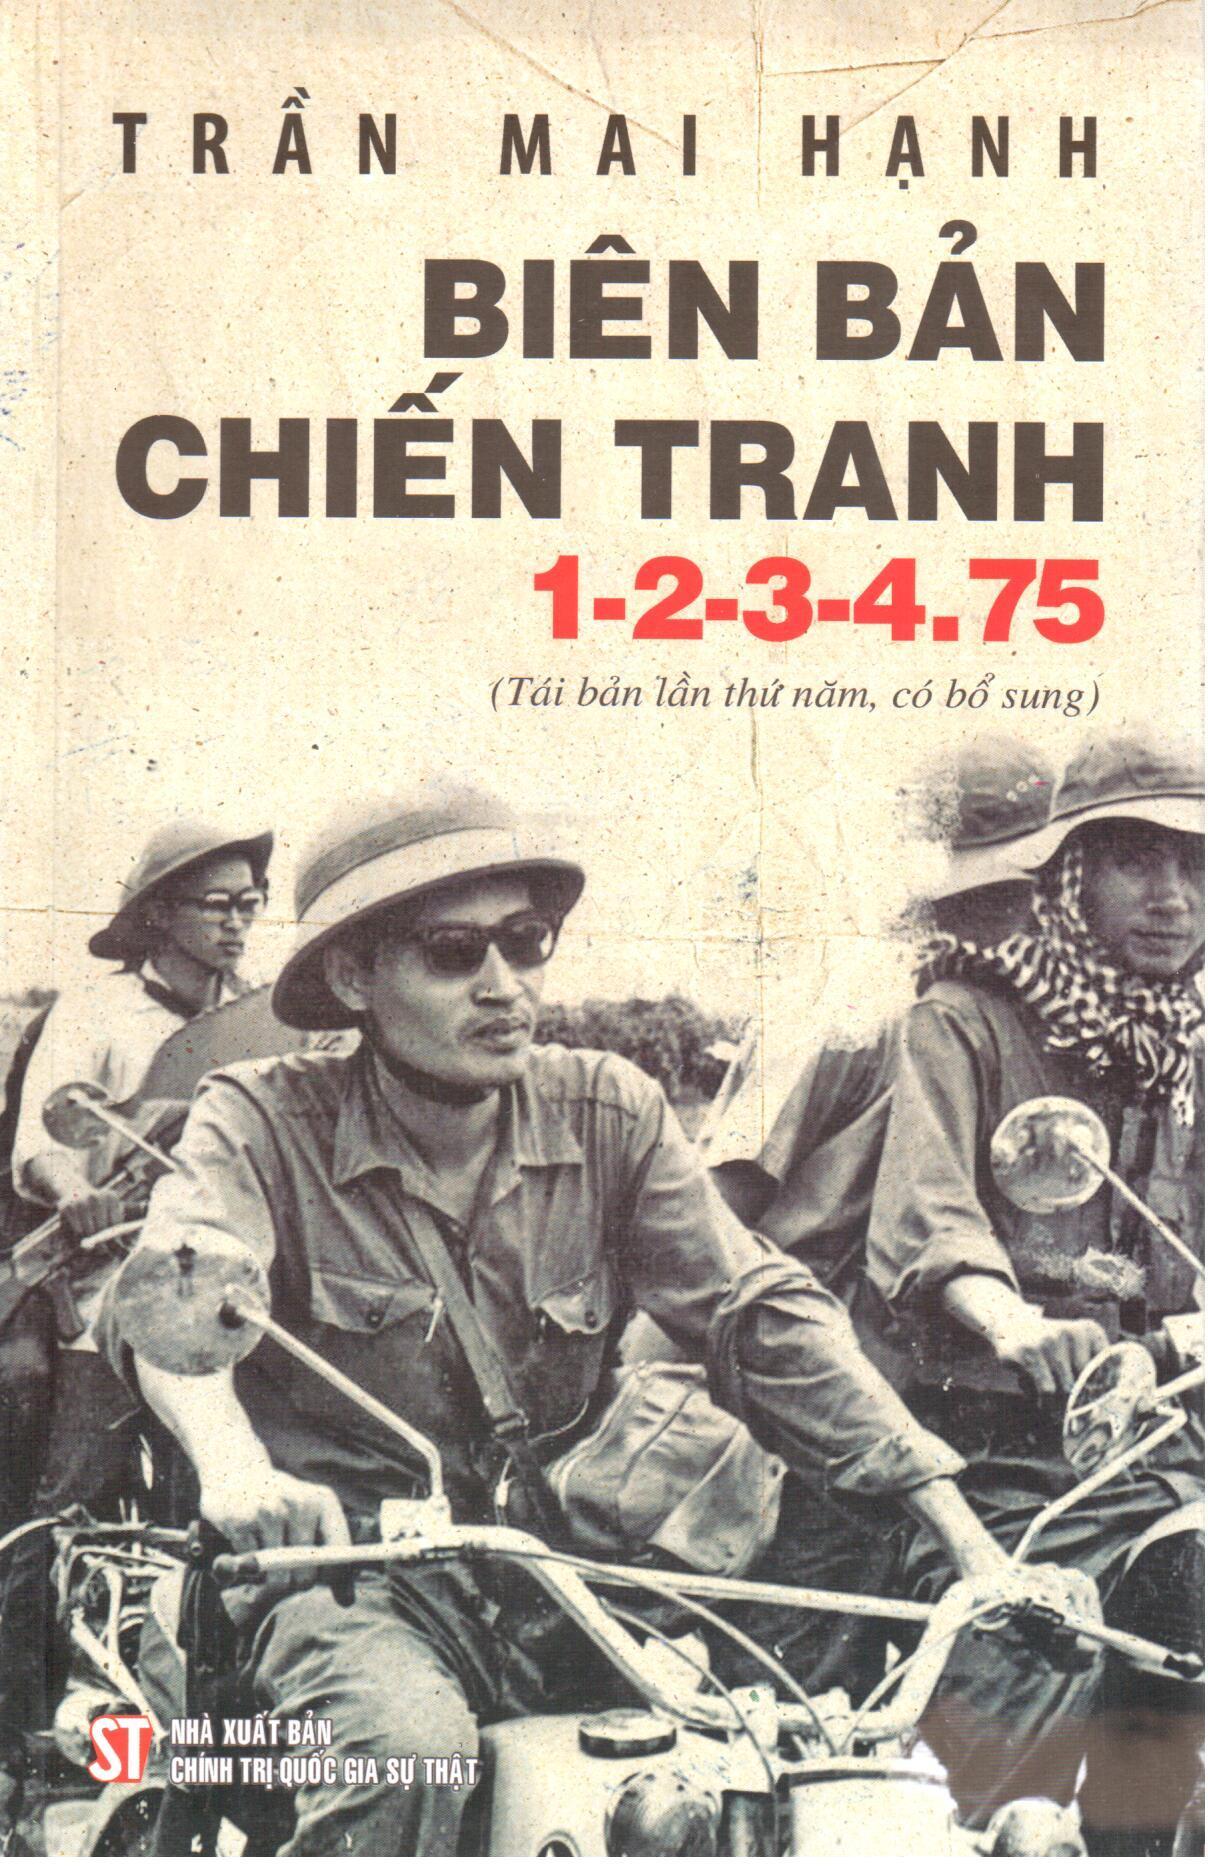 Biên bản chiến tranh 1-2-3-4.75 (Tái bản lần thứ năm, có bổ sung)